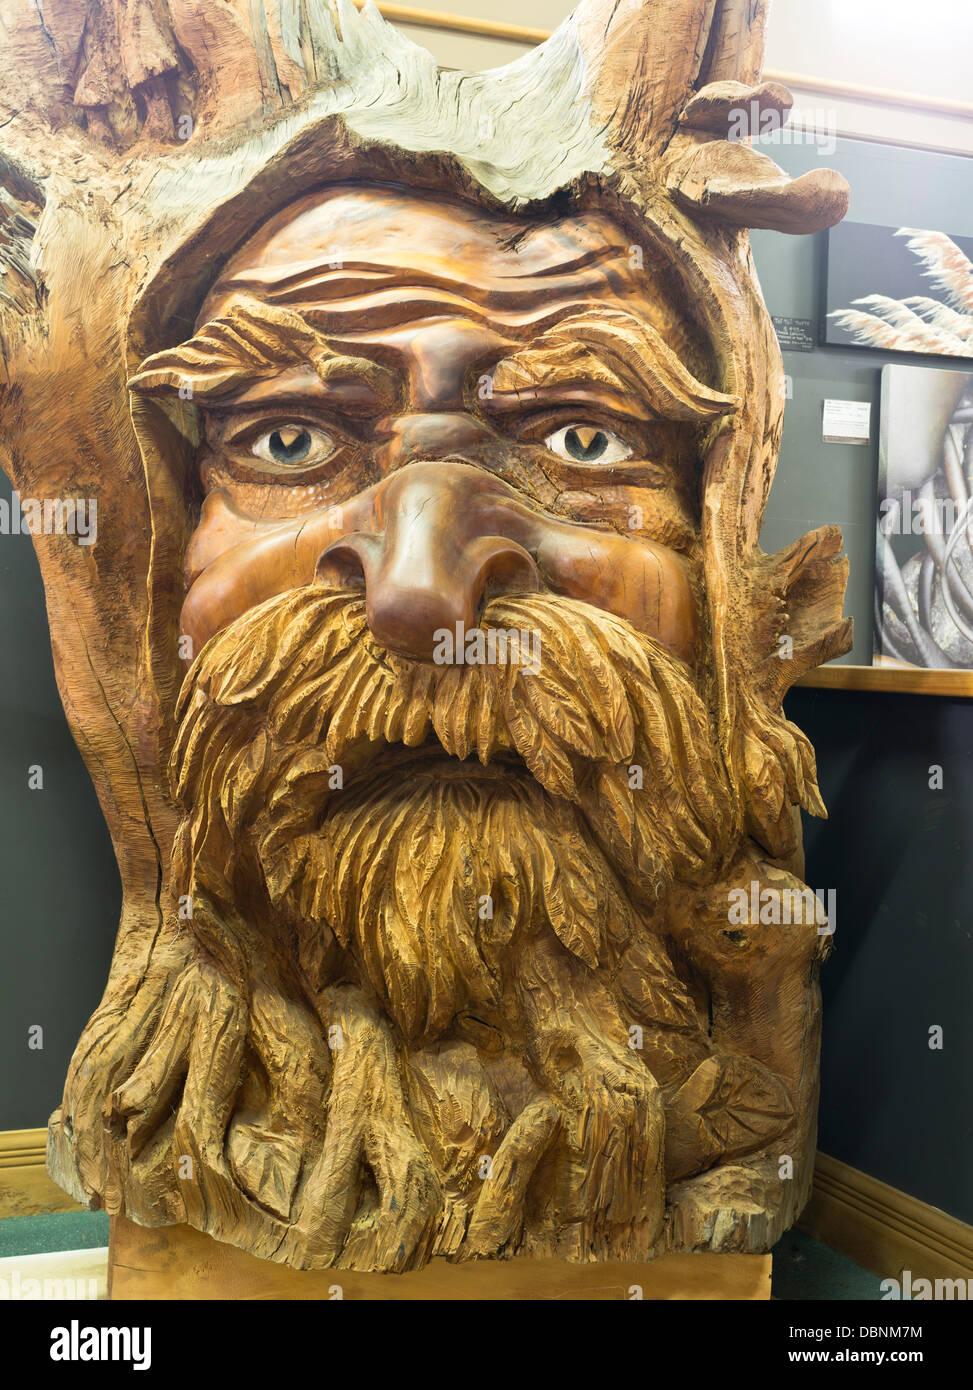 Green man carving wood stock photos green man carving wood stock